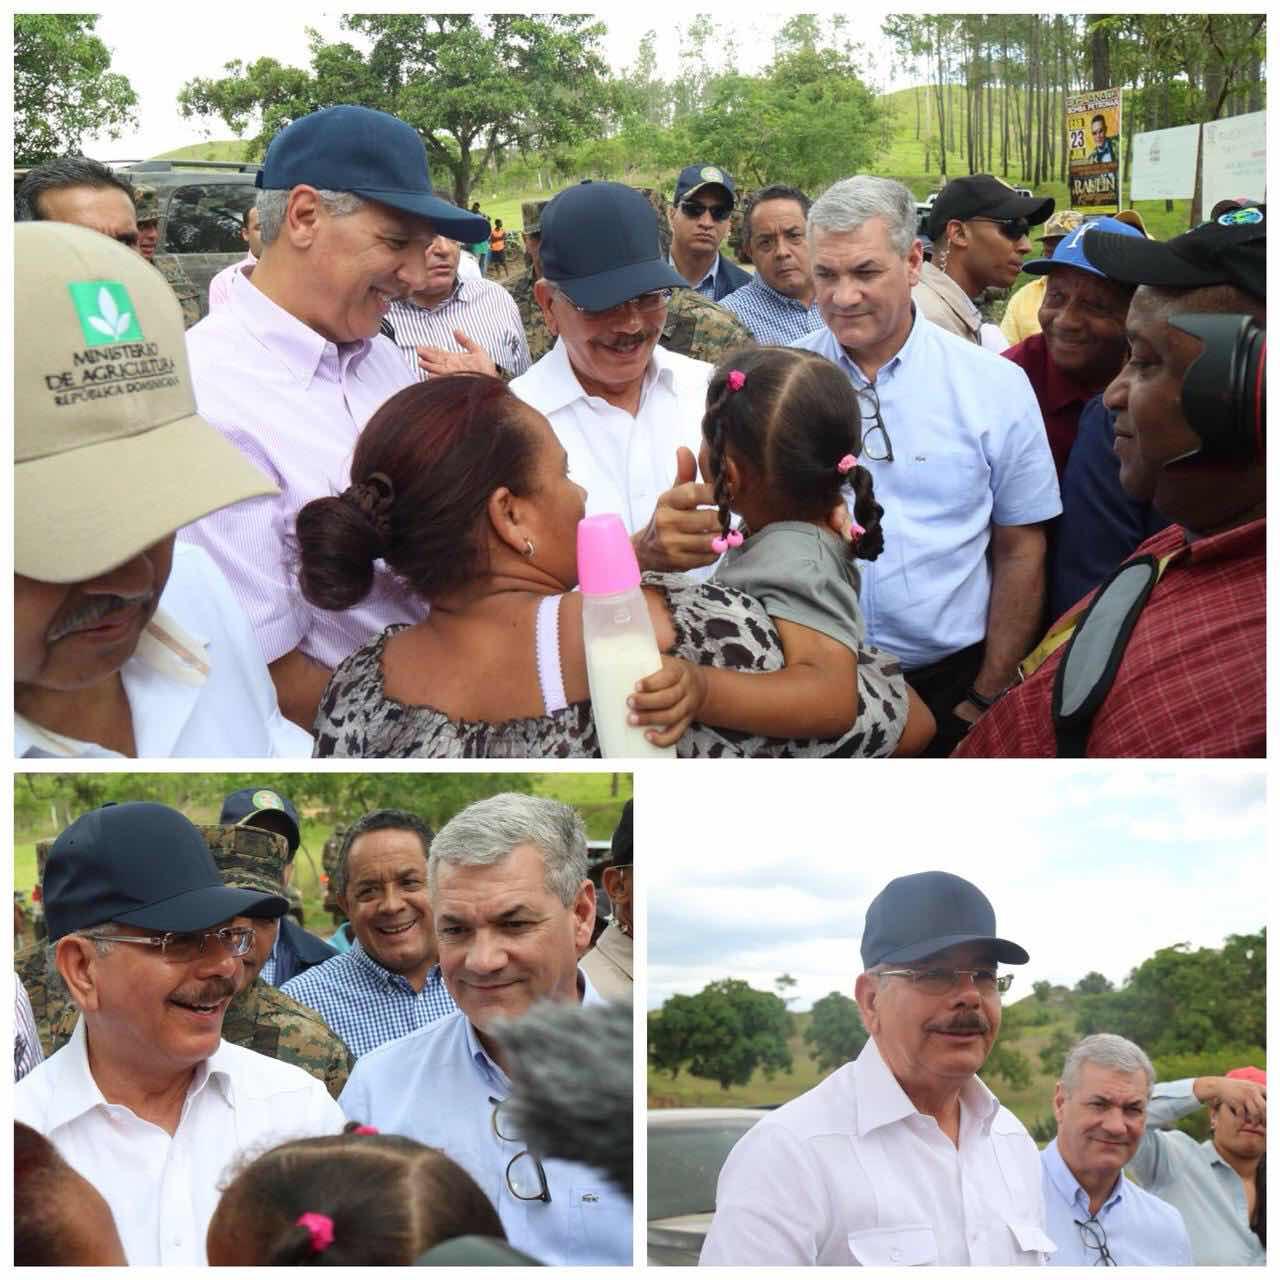 Danilo regresa a la frontera para escuchar necesidades, incrementar arraigo y mejorar condiciones de vida de dominicanos en la zona